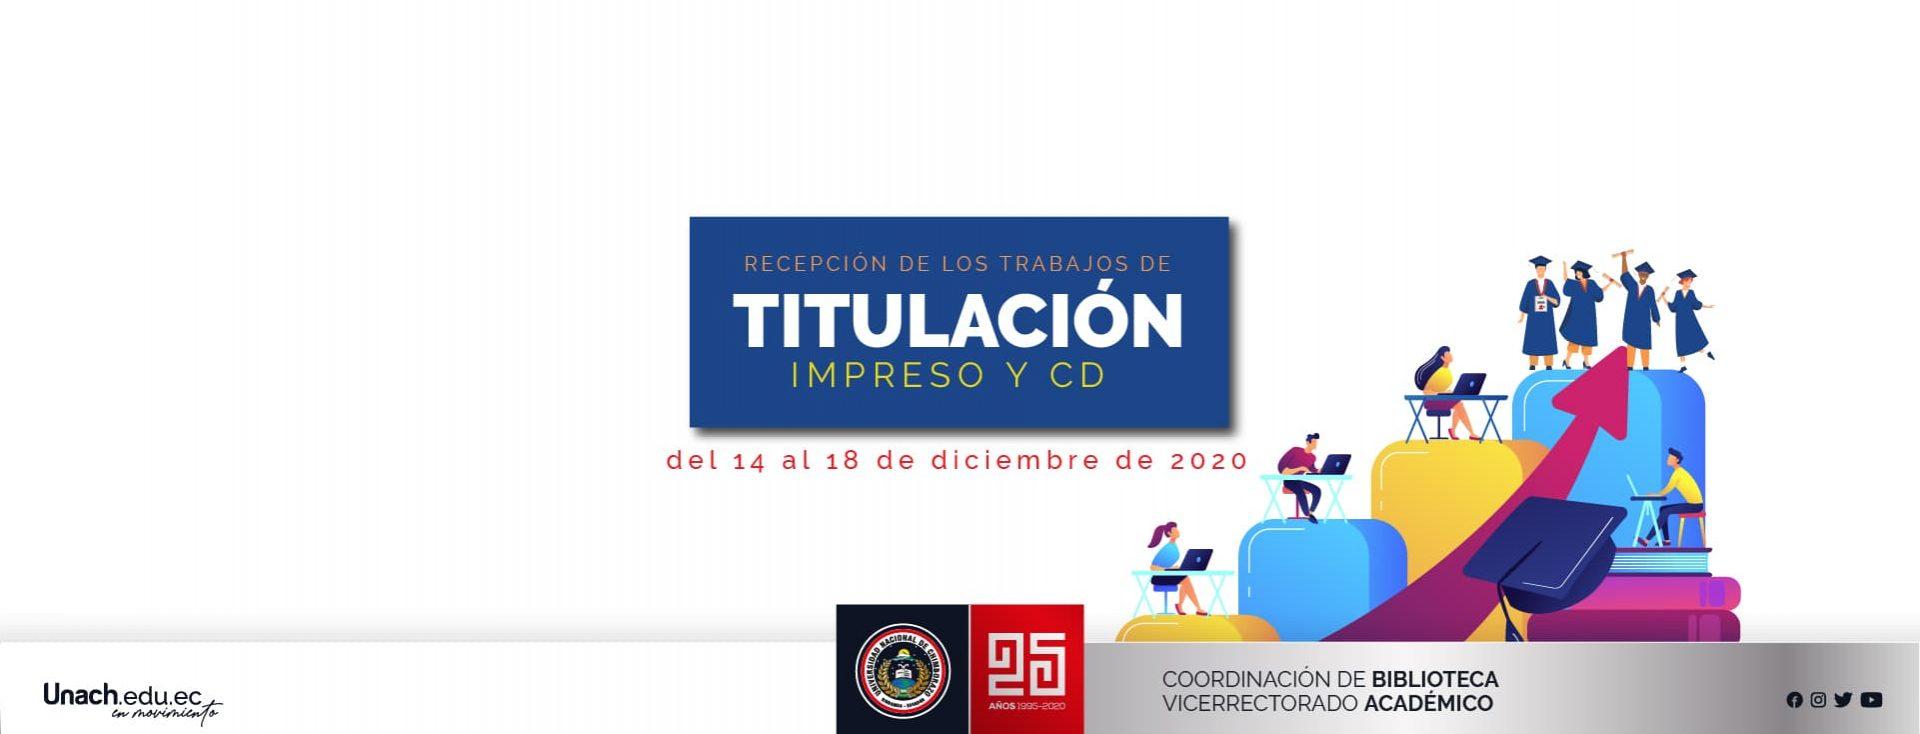 RECEPCIÓN DE TRABAJOS DE TITULACIÓN IMPRESOS Y EN CD